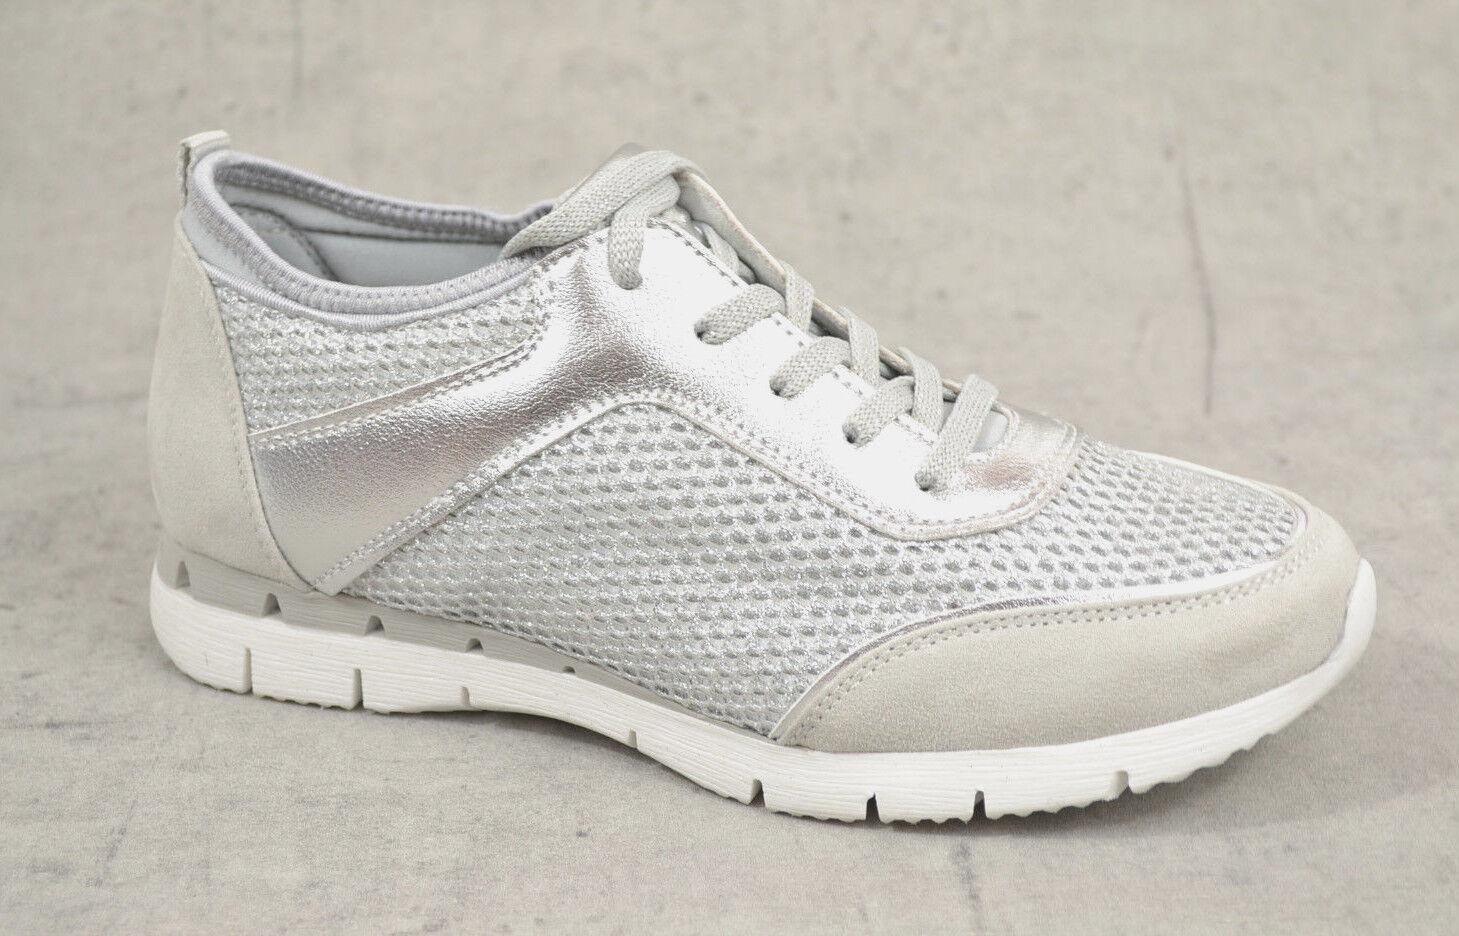 NEU Marco Tozzi Damen Sommer Turnschuhe Damen Sport Schuhe silber comfort Turnschuhe